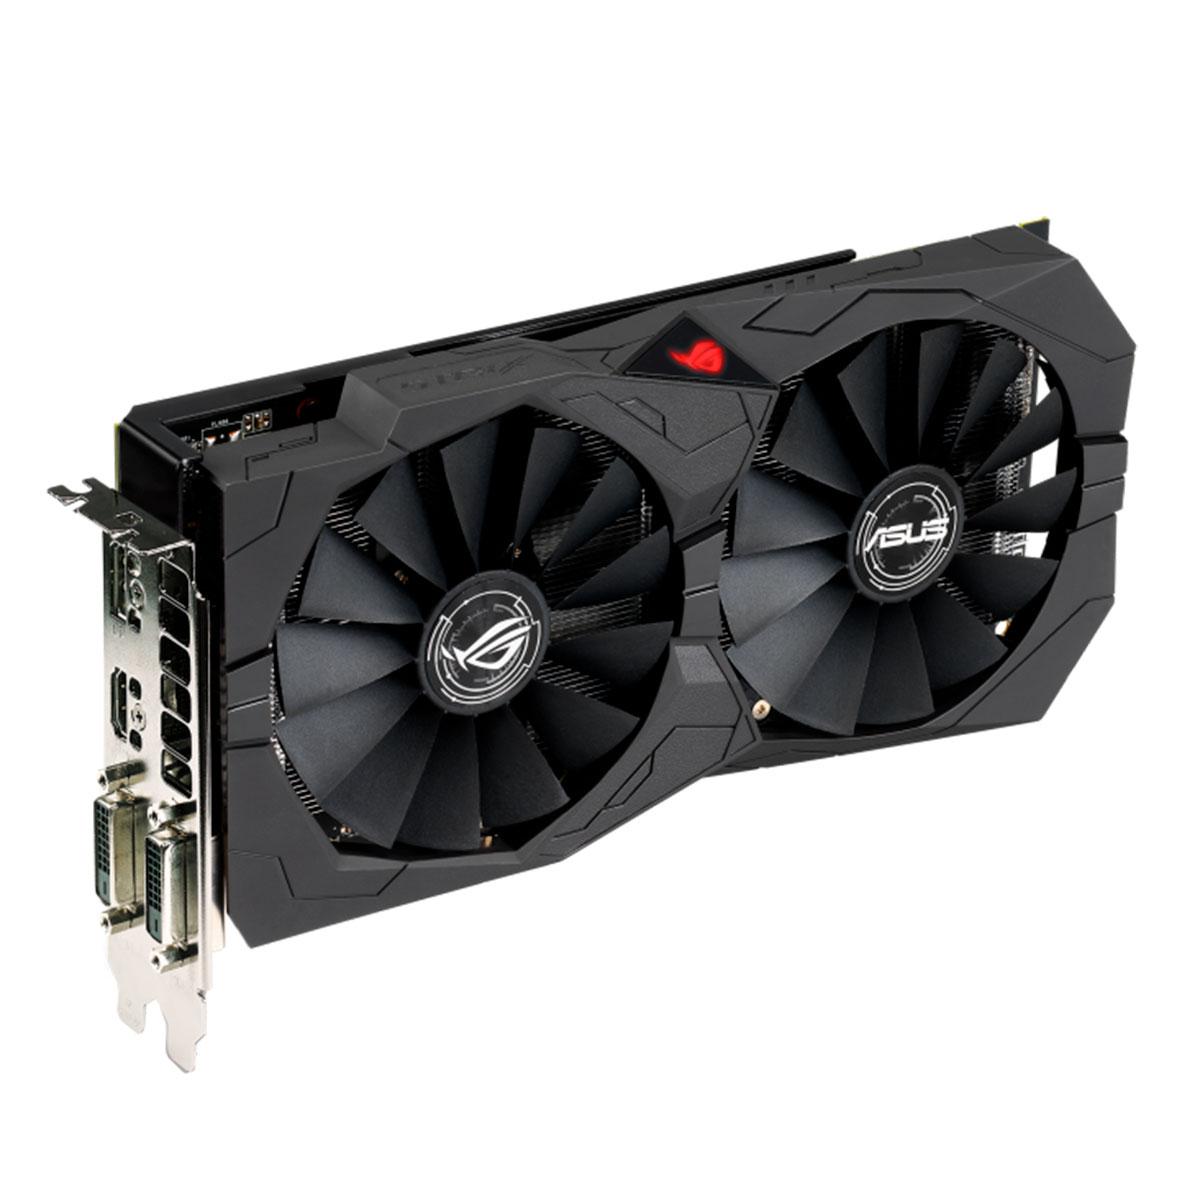 Placa de Vídeo Asus ROG Strix Radeon RX570 OC 8GB, DDR5, 256 Bits - ROG-STRIX-RX570-O8G-GAMING